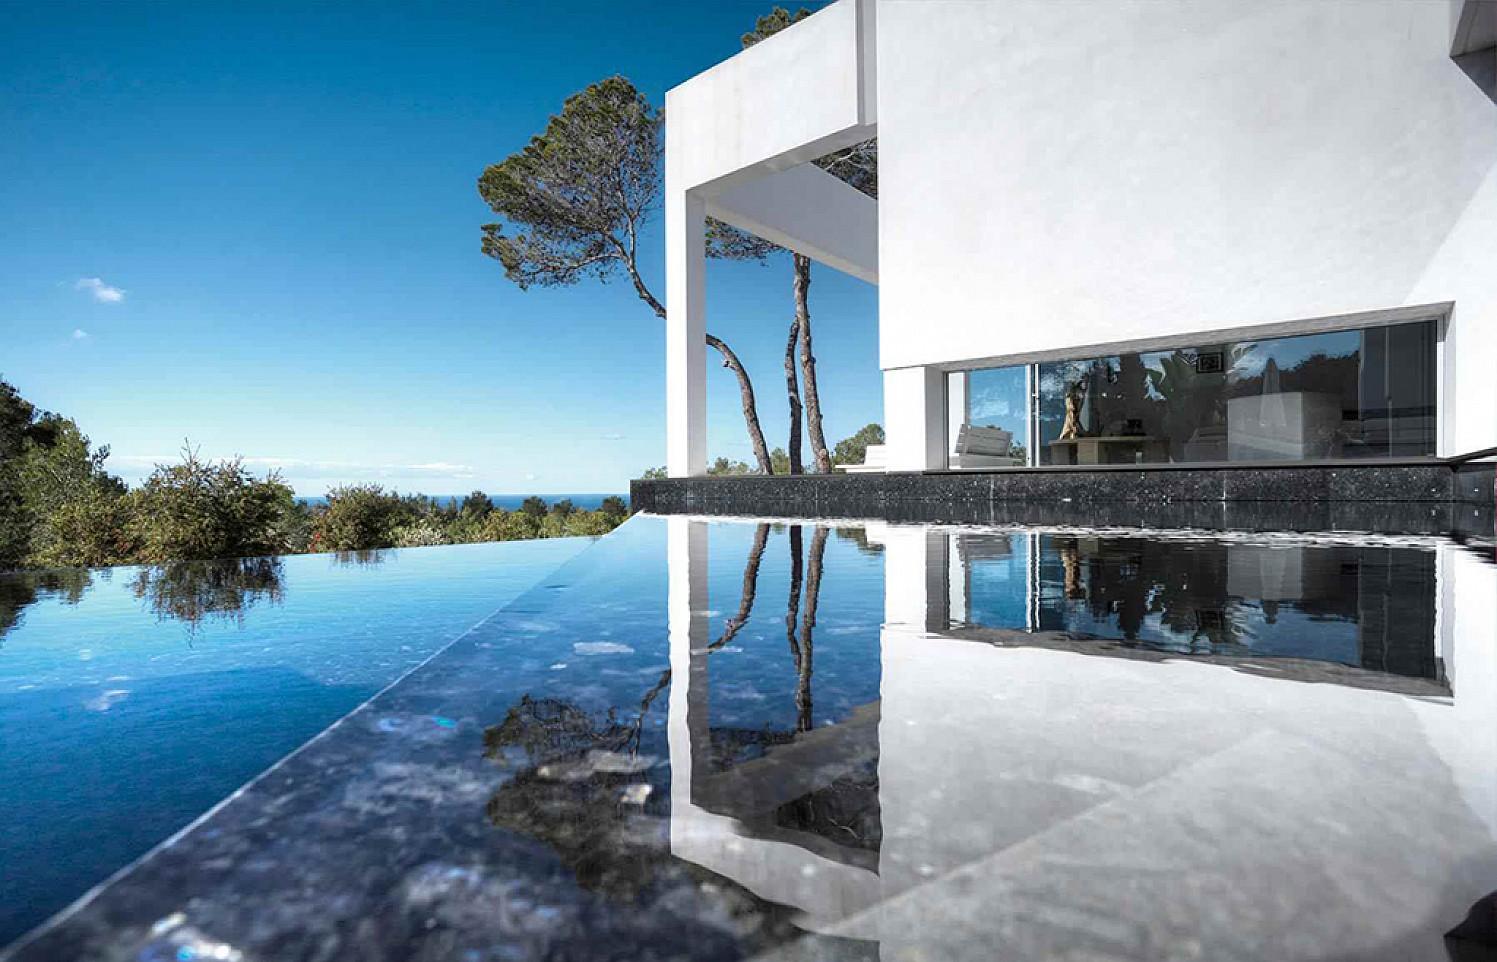 Exteriors de la propietat amb la gran piscina